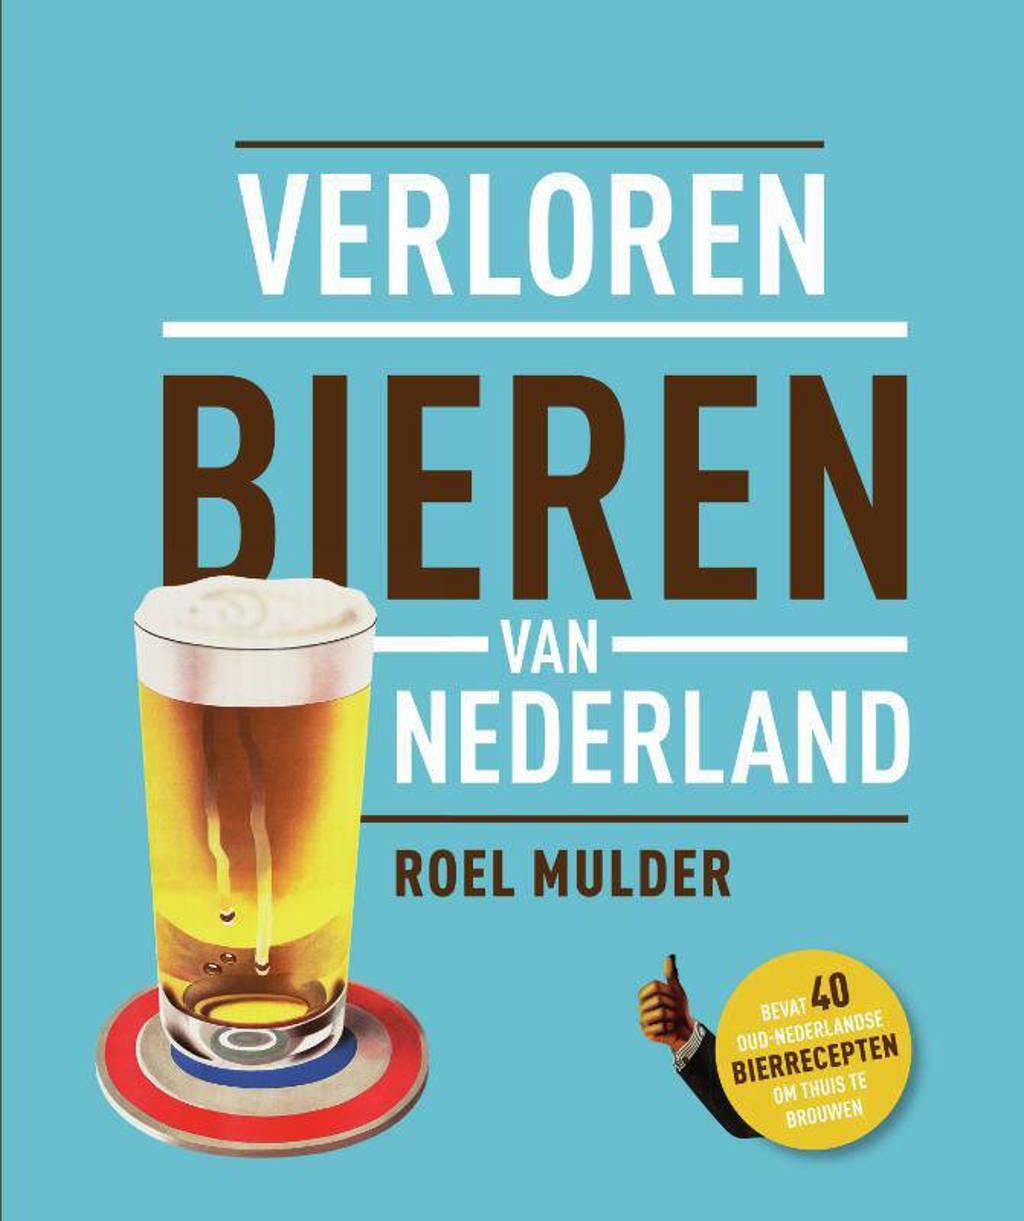 Verloren bieren van Nederland - Roel Mulder